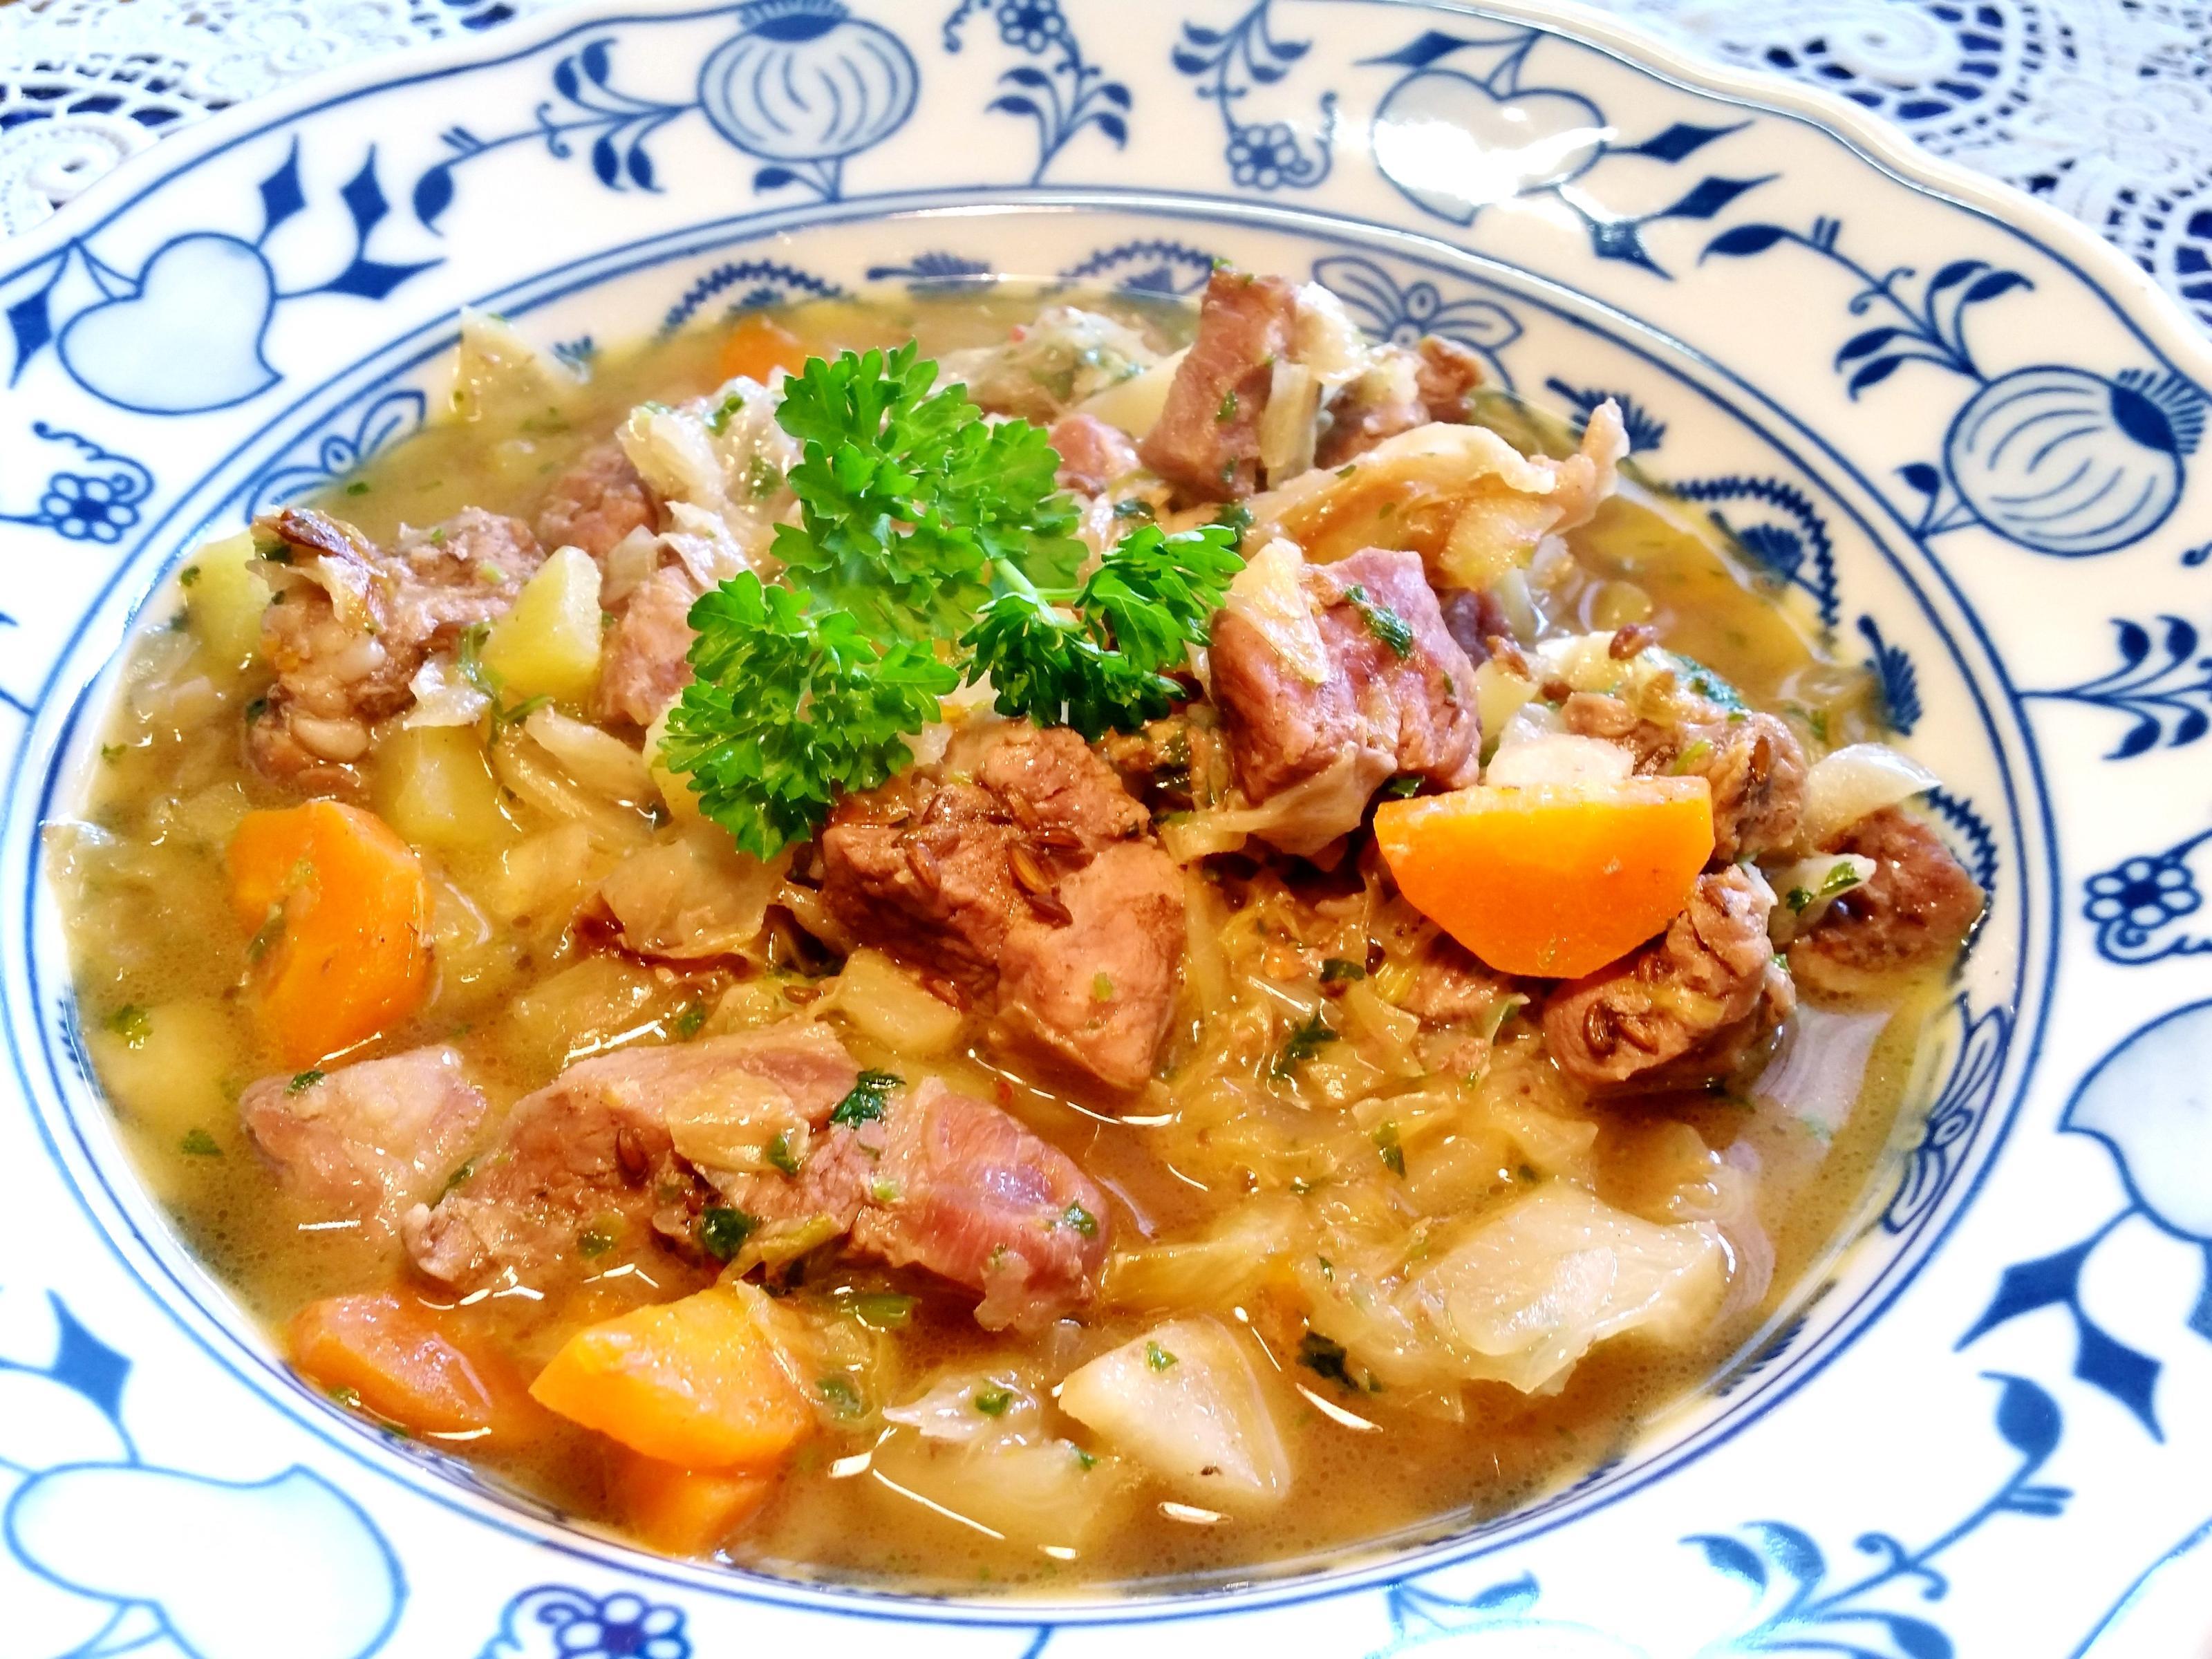 Bilder für Irish Stew im Römertopf Rezept